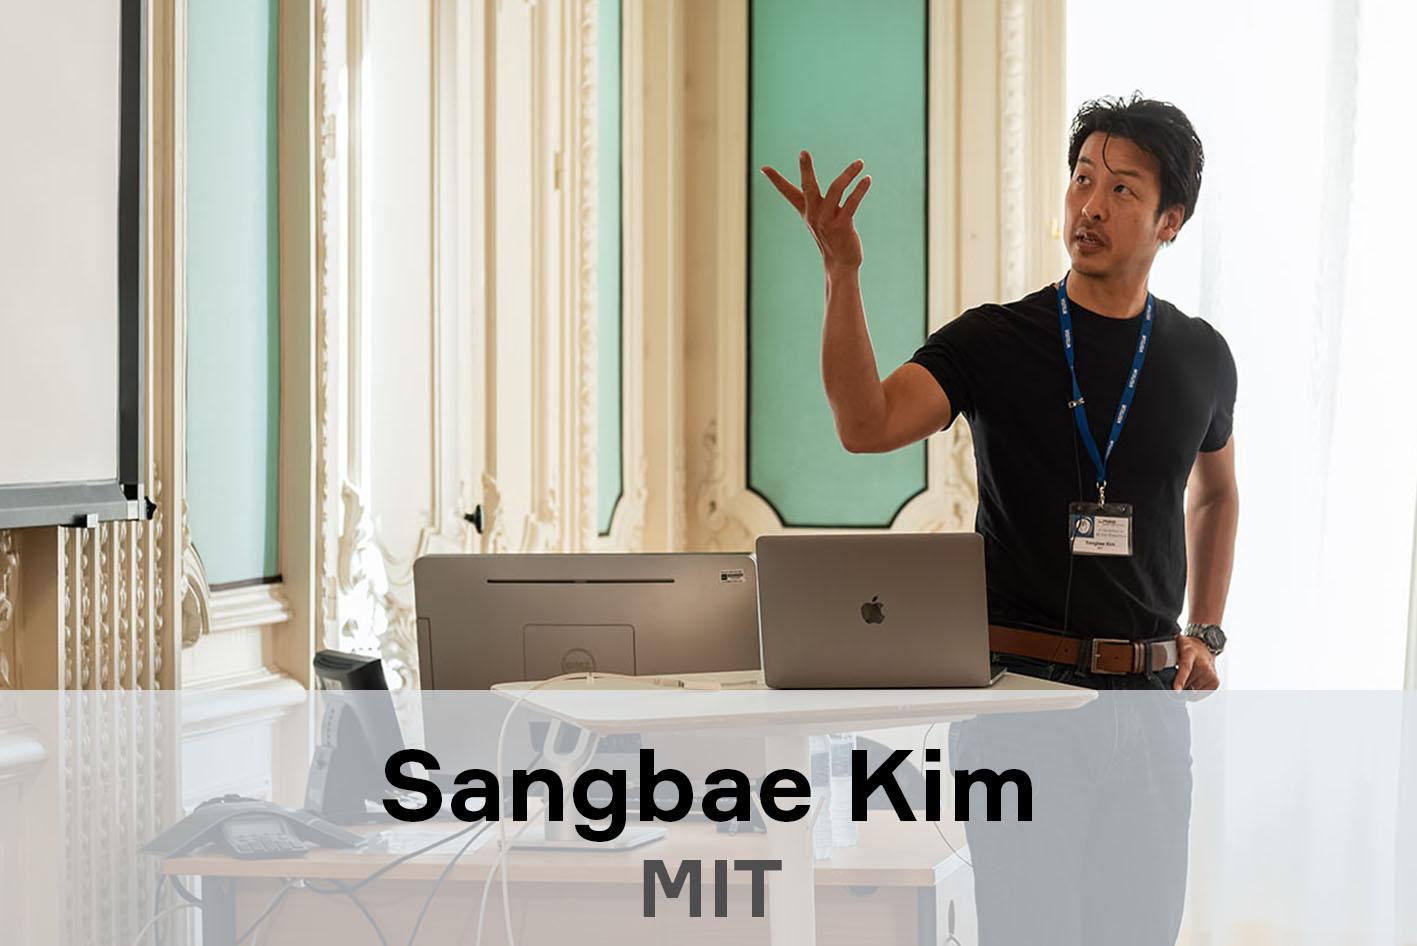 Sangbae Kim